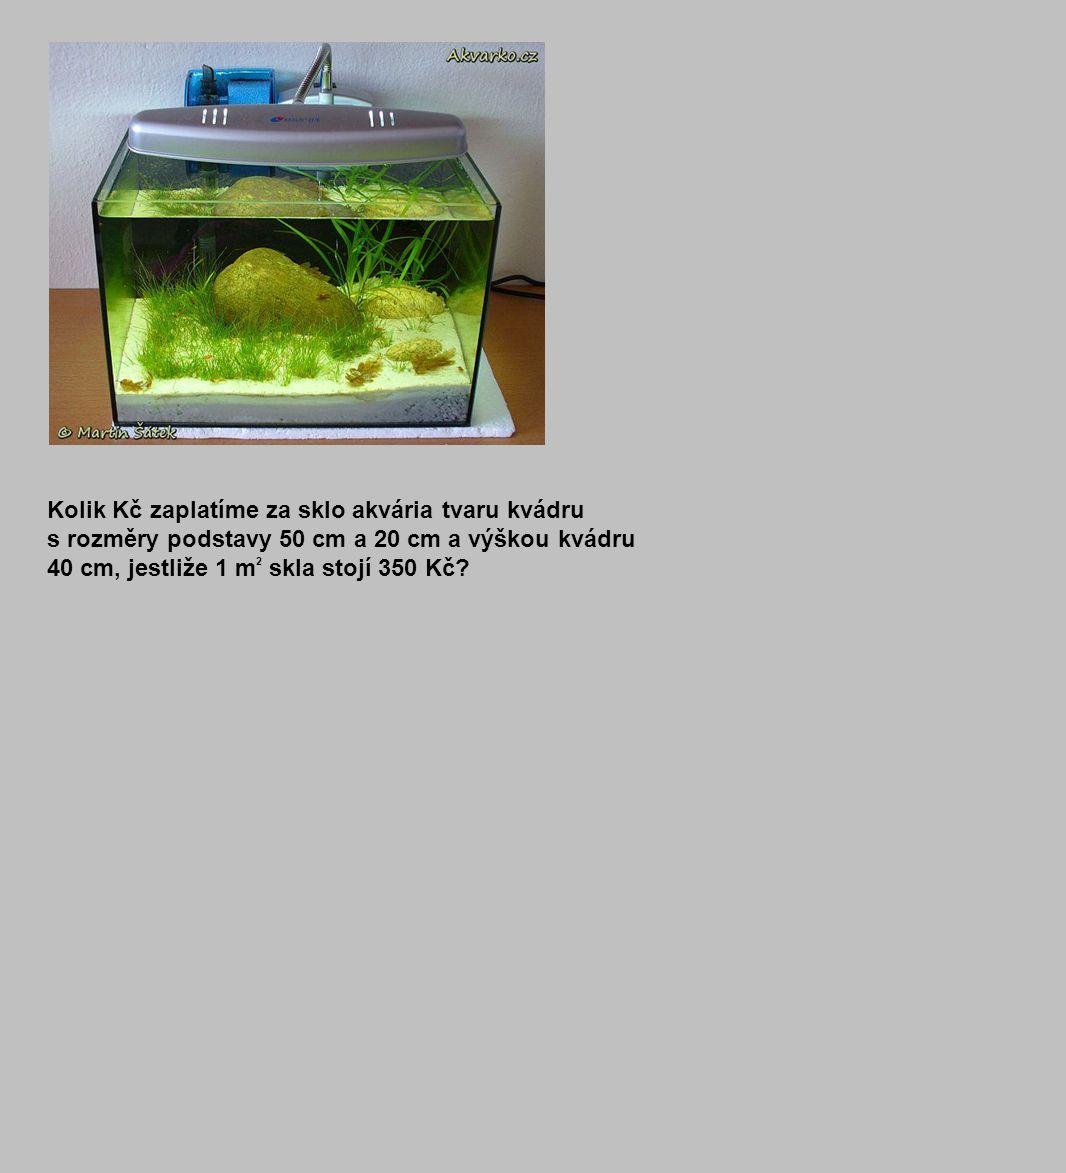 Kolik Kč zaplatíme za sklo akvária tvaru kvádru s rozměry podstavy 50 cm a 20 cm a výškou kvádru 40 cm, jestliže 1 m 2 skla stojí 350 Kč?